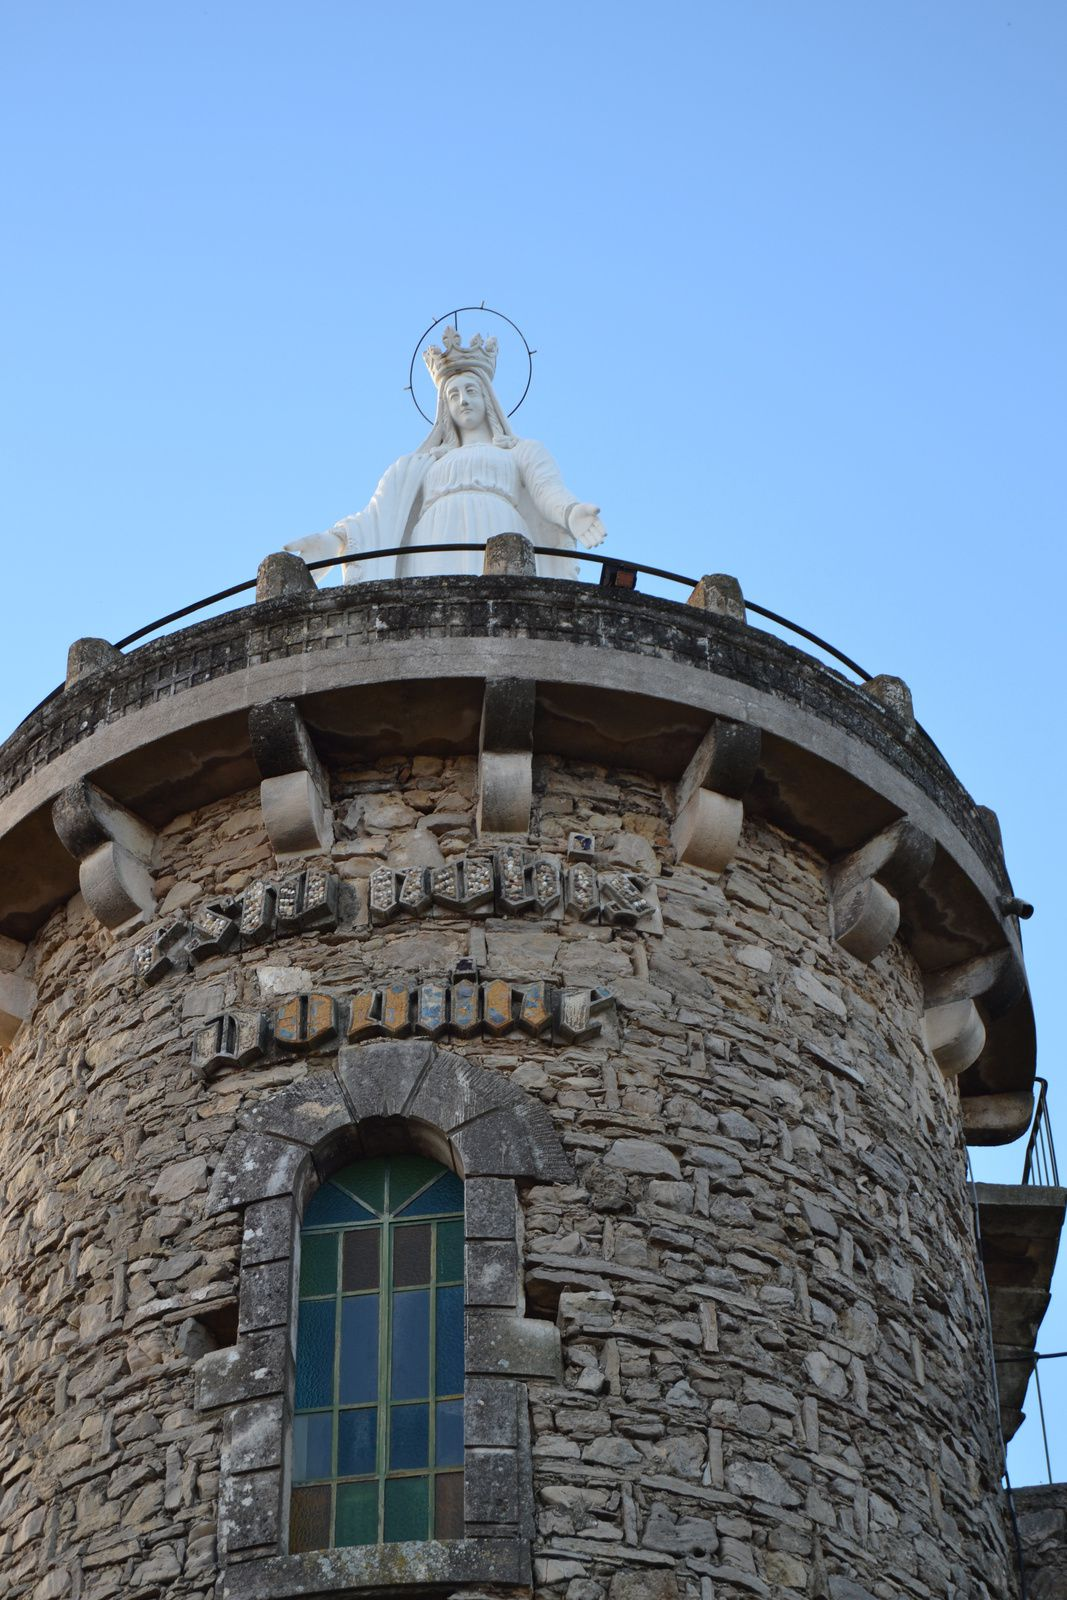 Monsieur le conte Augusttin Plantin De Villeperdrix (1792-1868), de retour d'un pelerinage en terre sainte, en 1845 décide, de construire unetour sur la colline de son domaine de la Blache, imitant la tour David de Jérusalem, tour destinée à recevoir une monumentale statue de pierre de la Vierge Marie, haute de7m.